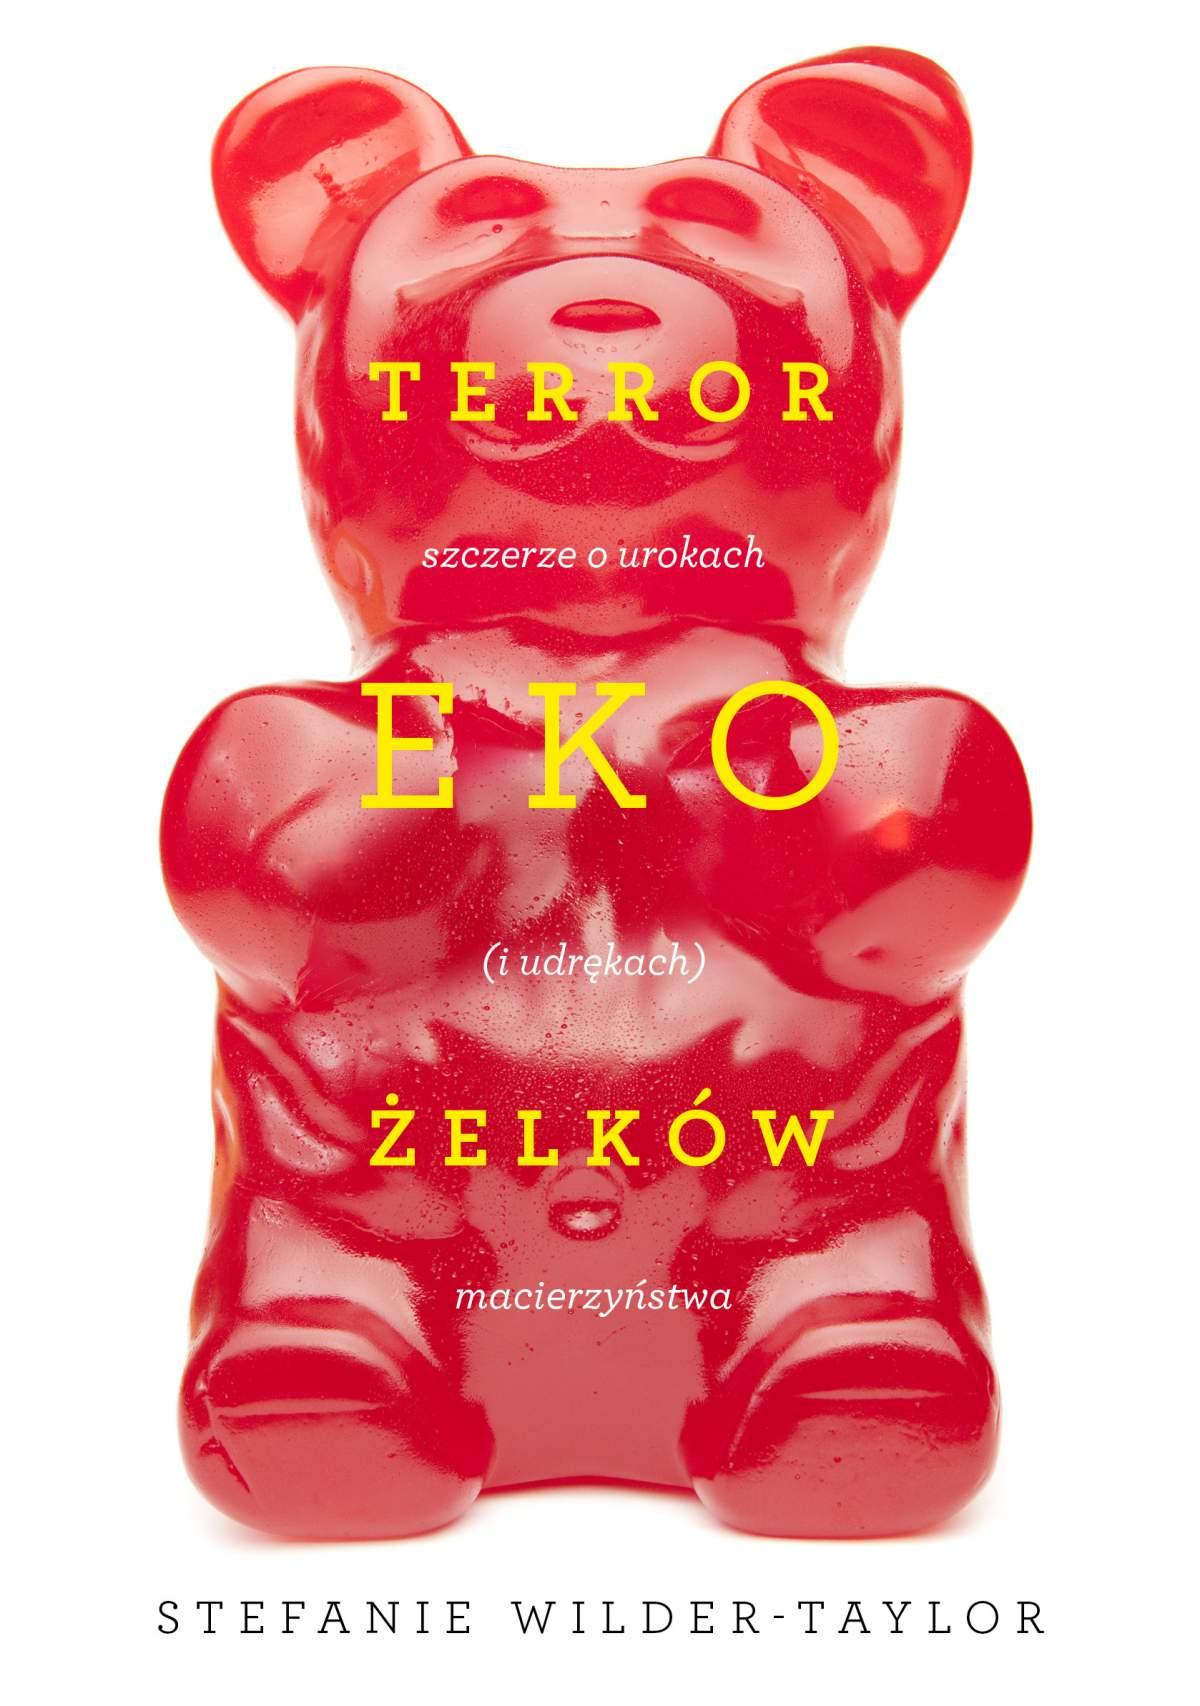 Terror ekożelków, czyli szczerze o urokach (i udrękach) macierzyństwa - Ebook (Książka na Kindle) do pobrania w formacie MOBI